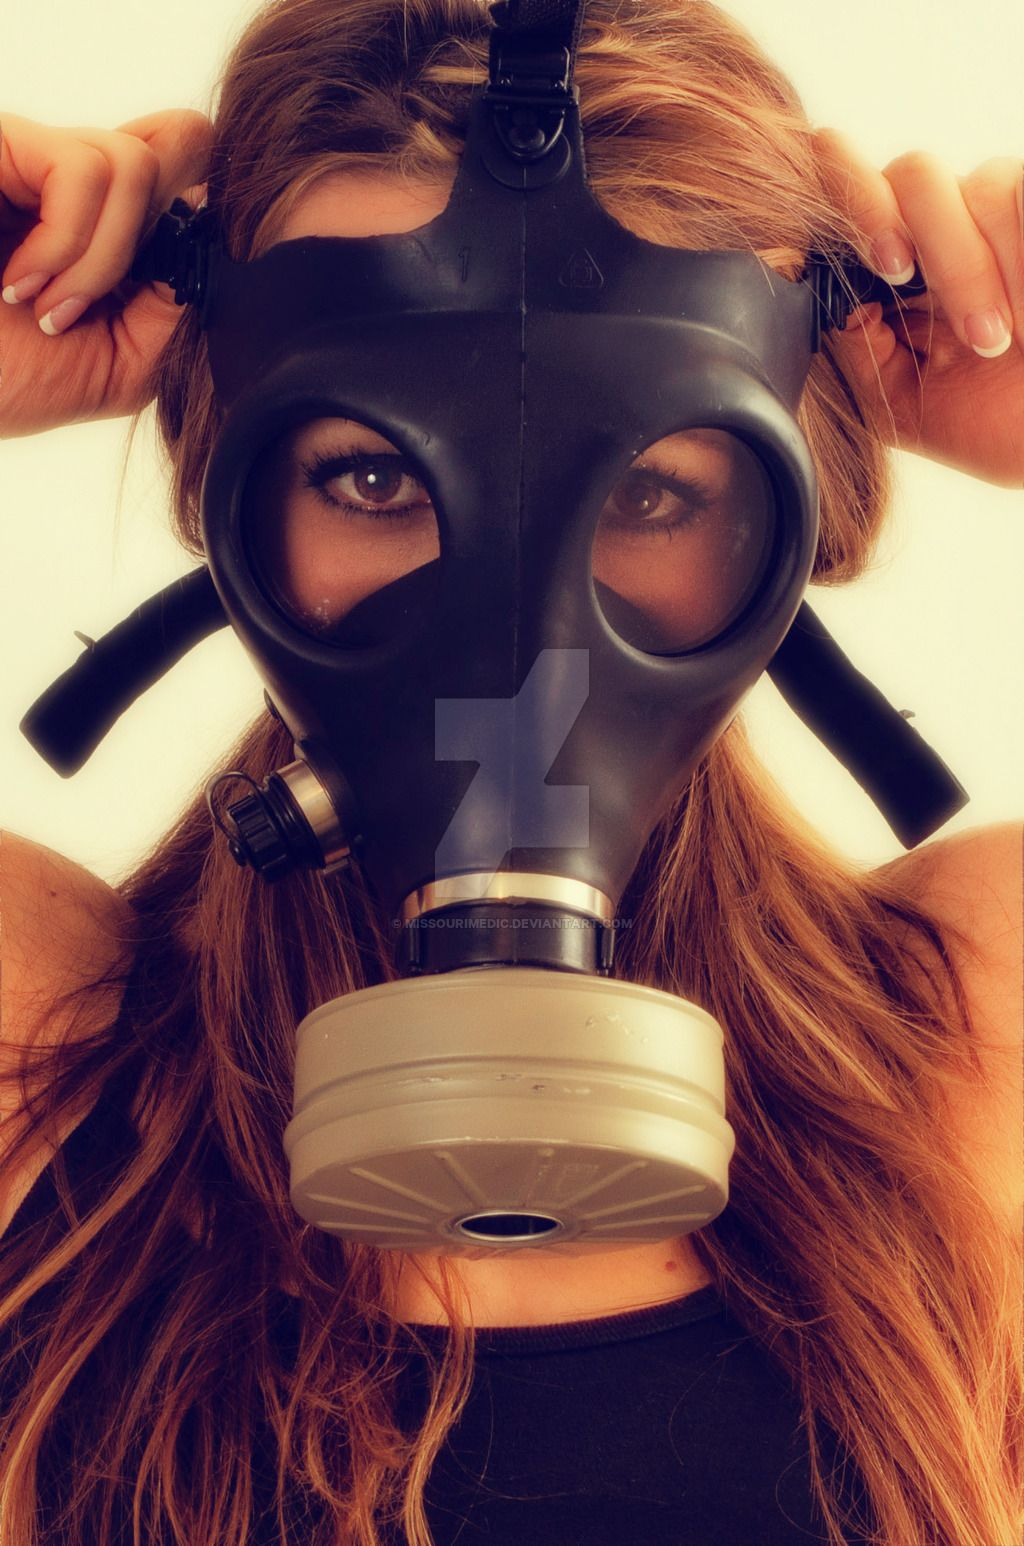 Oxygen mask girl